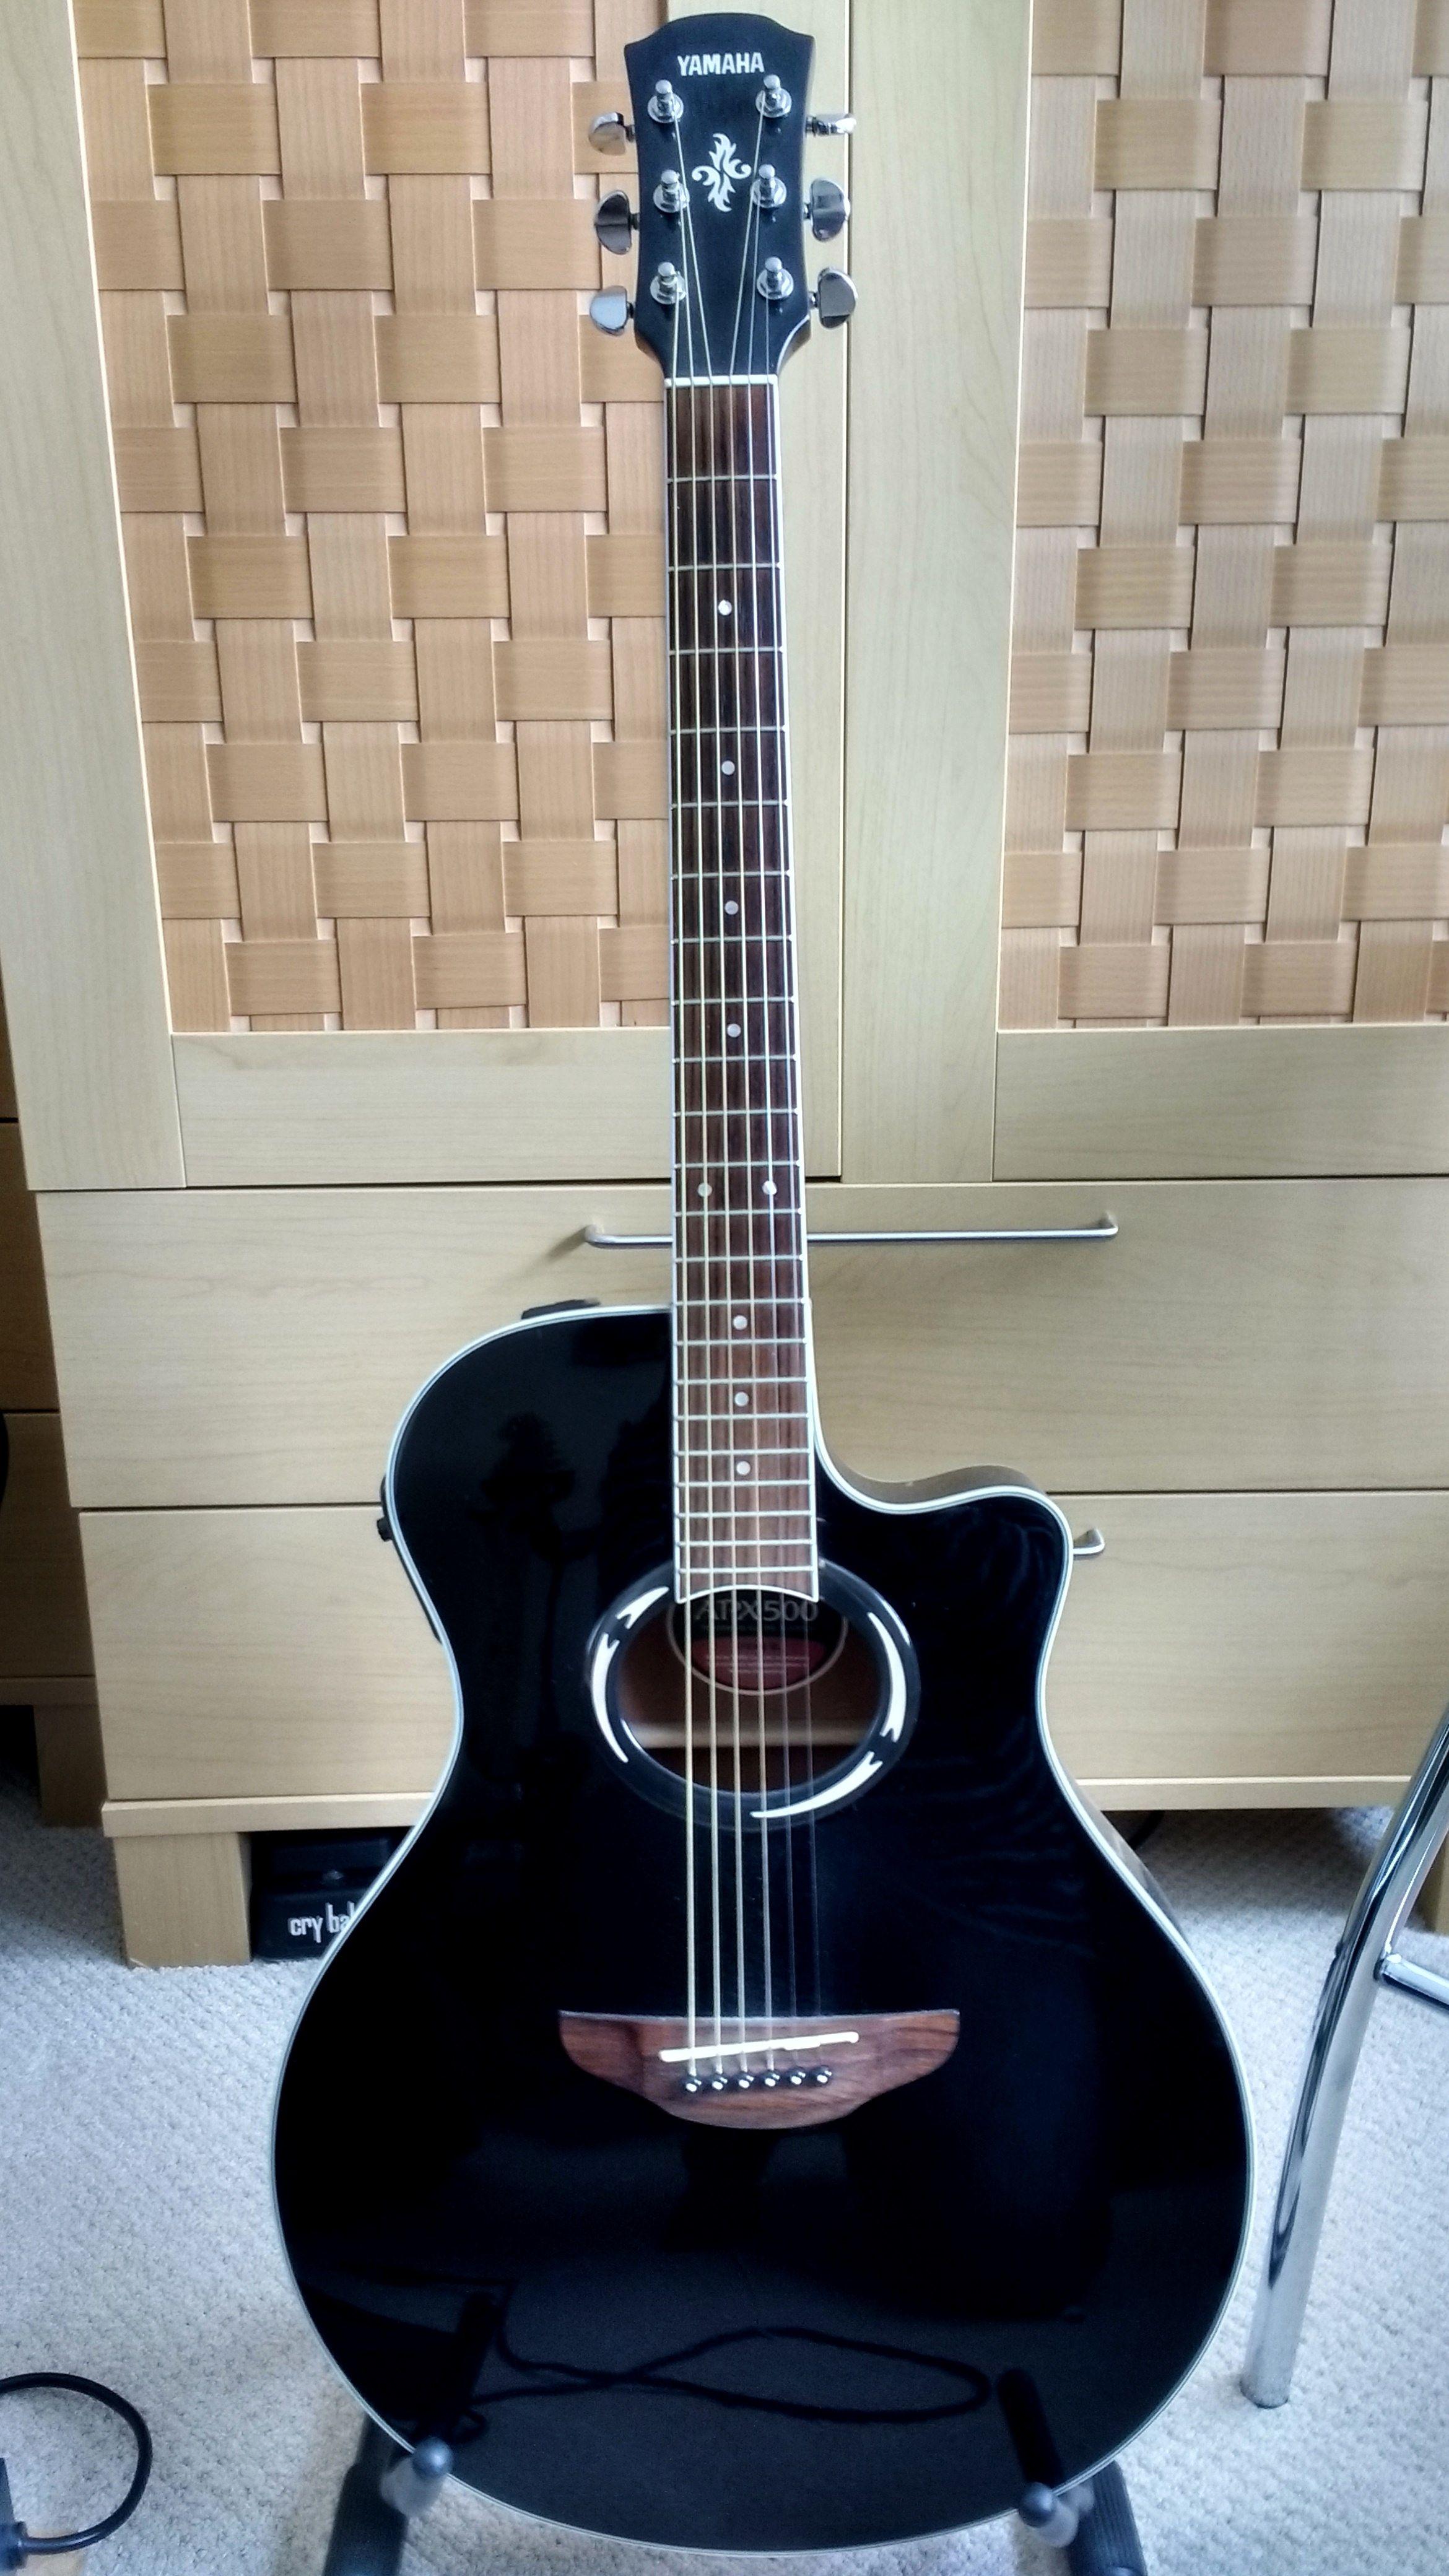 Yamaha Apx500 Yamaha Guitar Guitar Learn Guitar